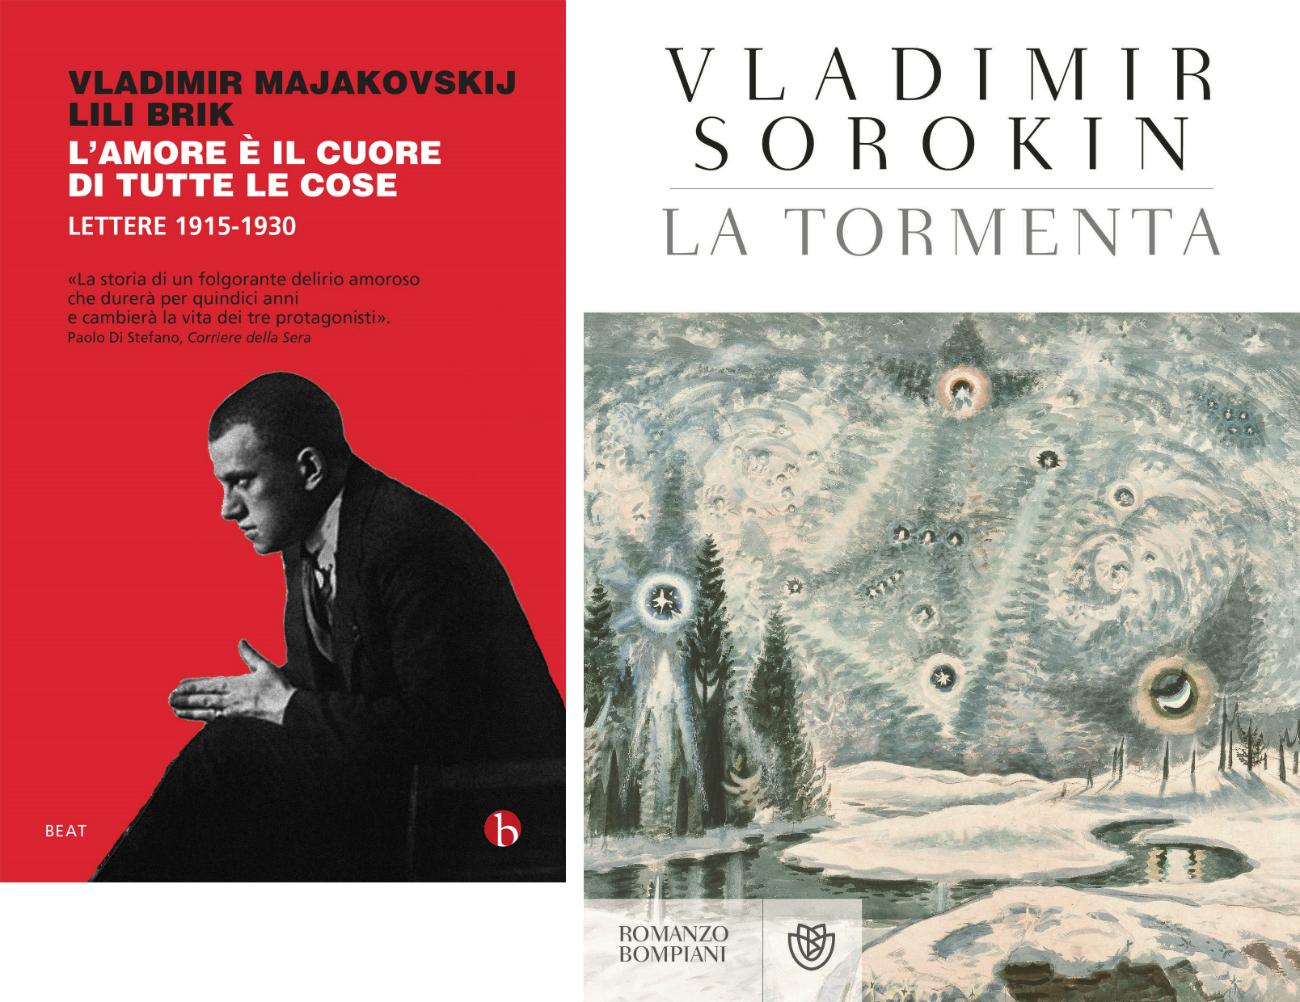 """Le copertine del libro """"L'amore è il cuore di tutte le cose"""" che raccoglie la corrispondenza di Vladimir Mayakovskij e del romanzo """"La tormenta"""" di Vladimir Sorokin."""